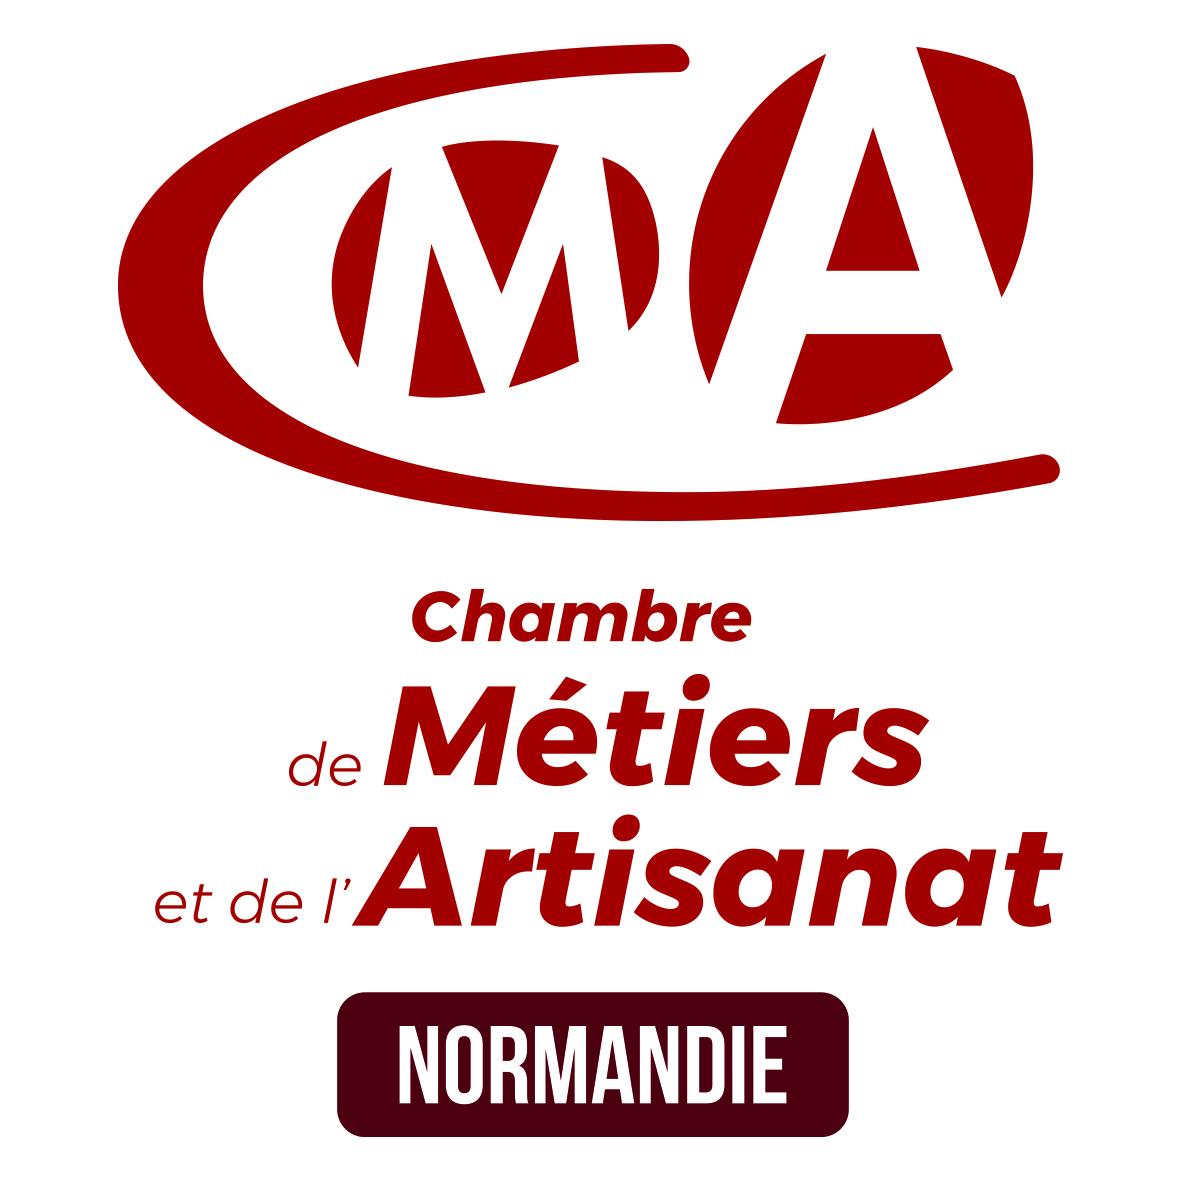 Chambre régionale de métiers et de l'artisanat de Normandie